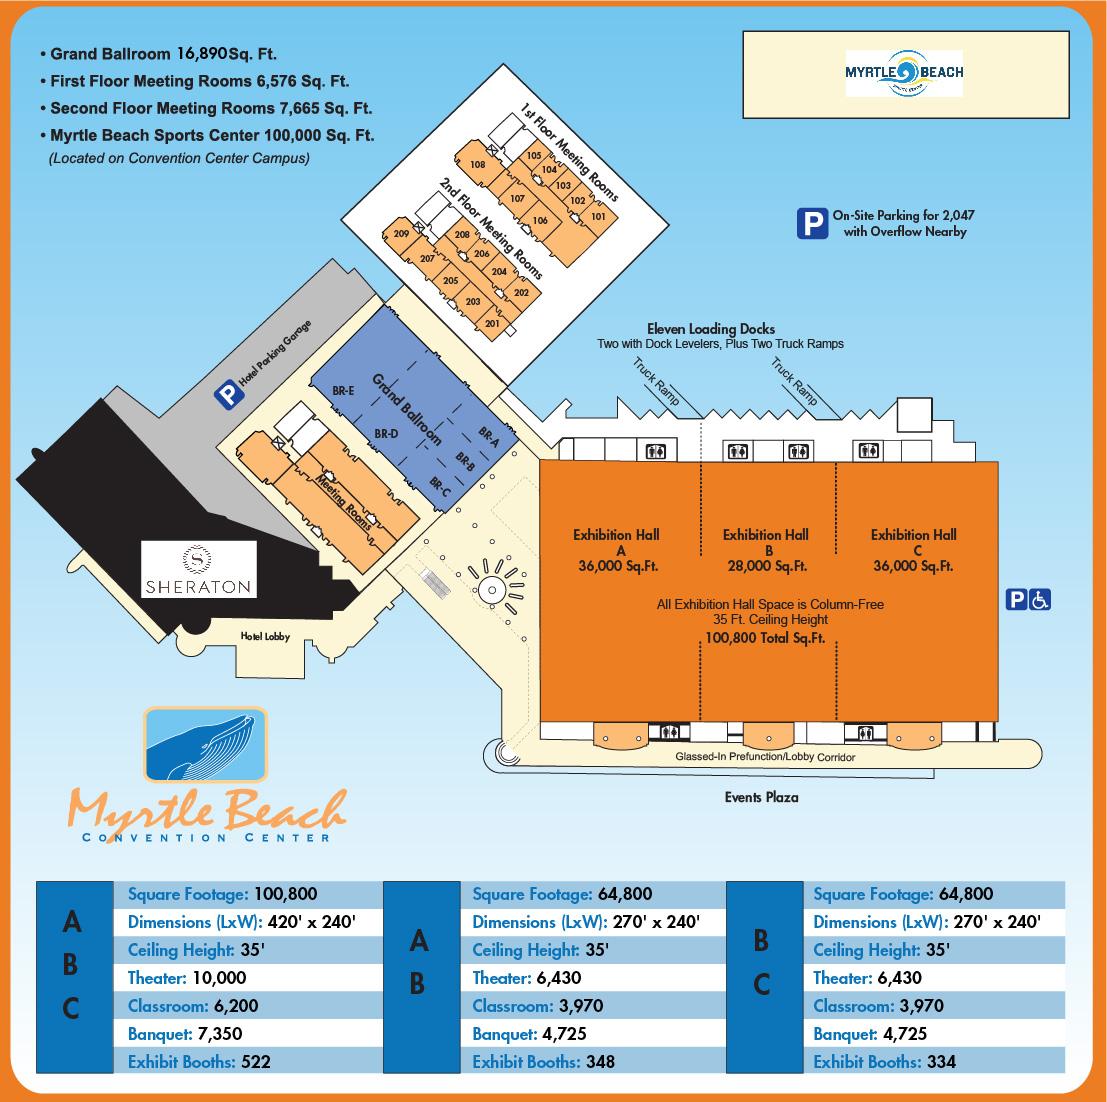 Myrtle Beach Convention Center Exhibit Hall